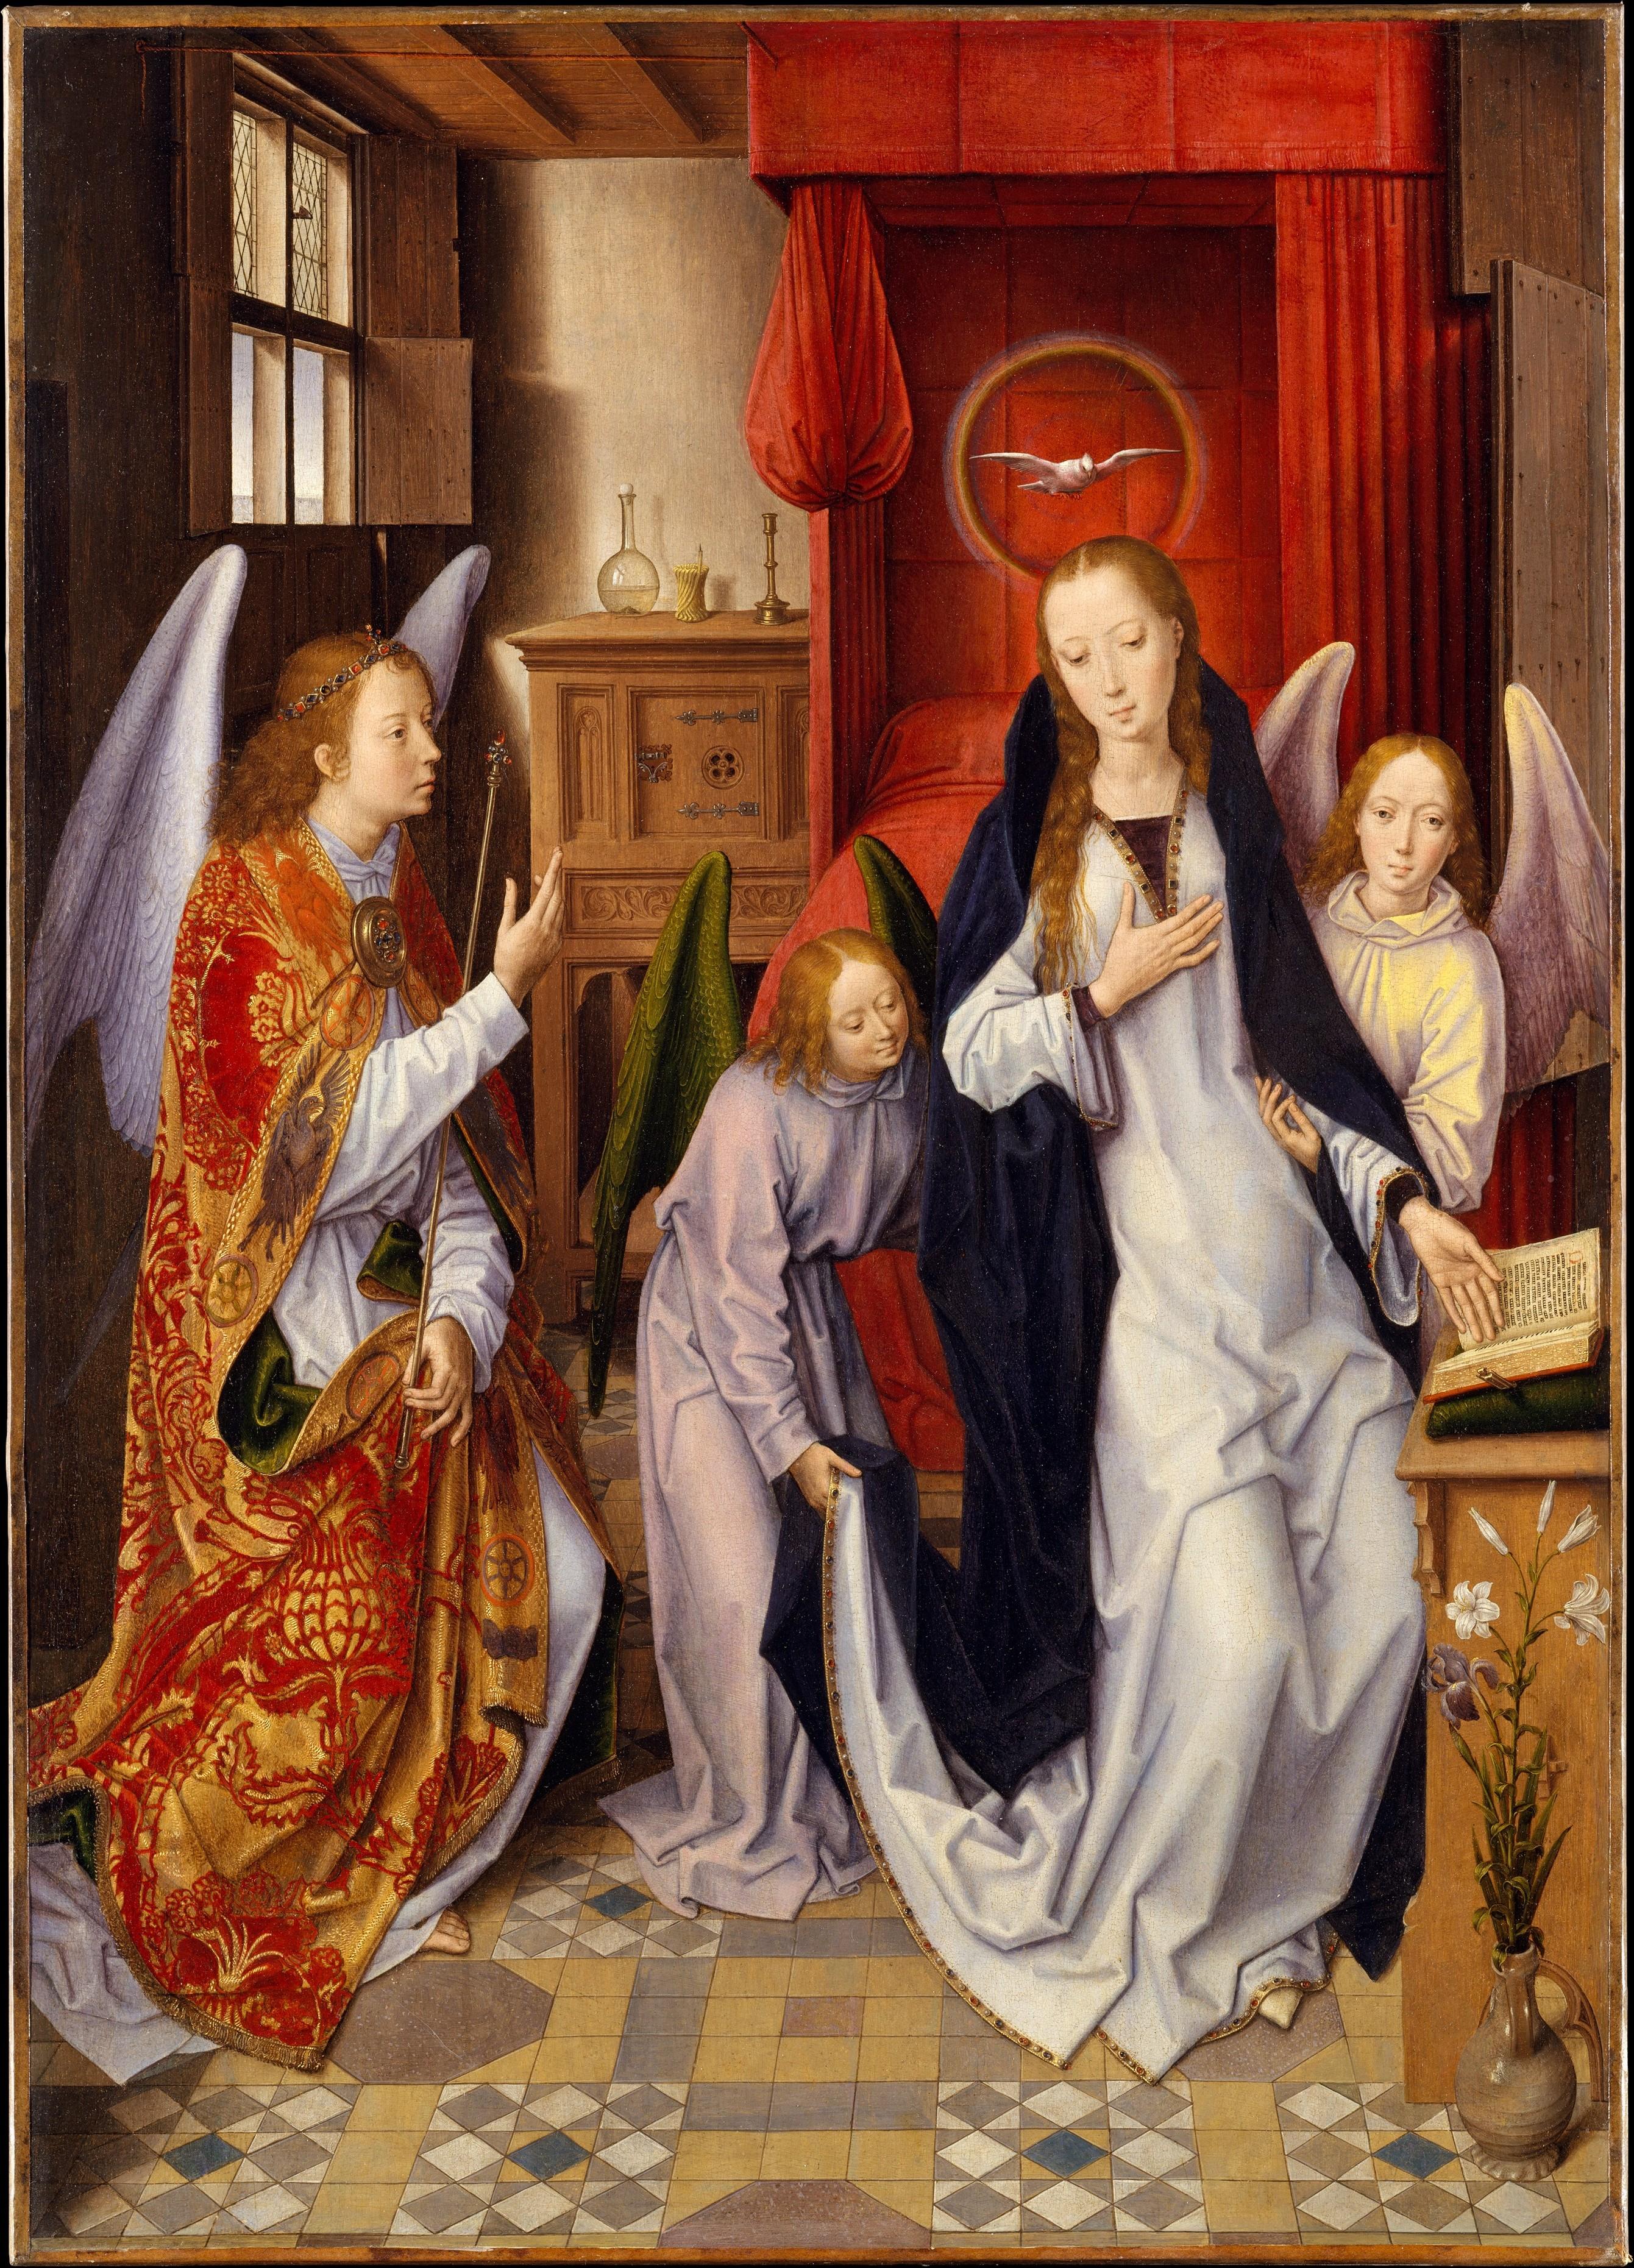 1480-89-hans_memling-_annunciation.jpg